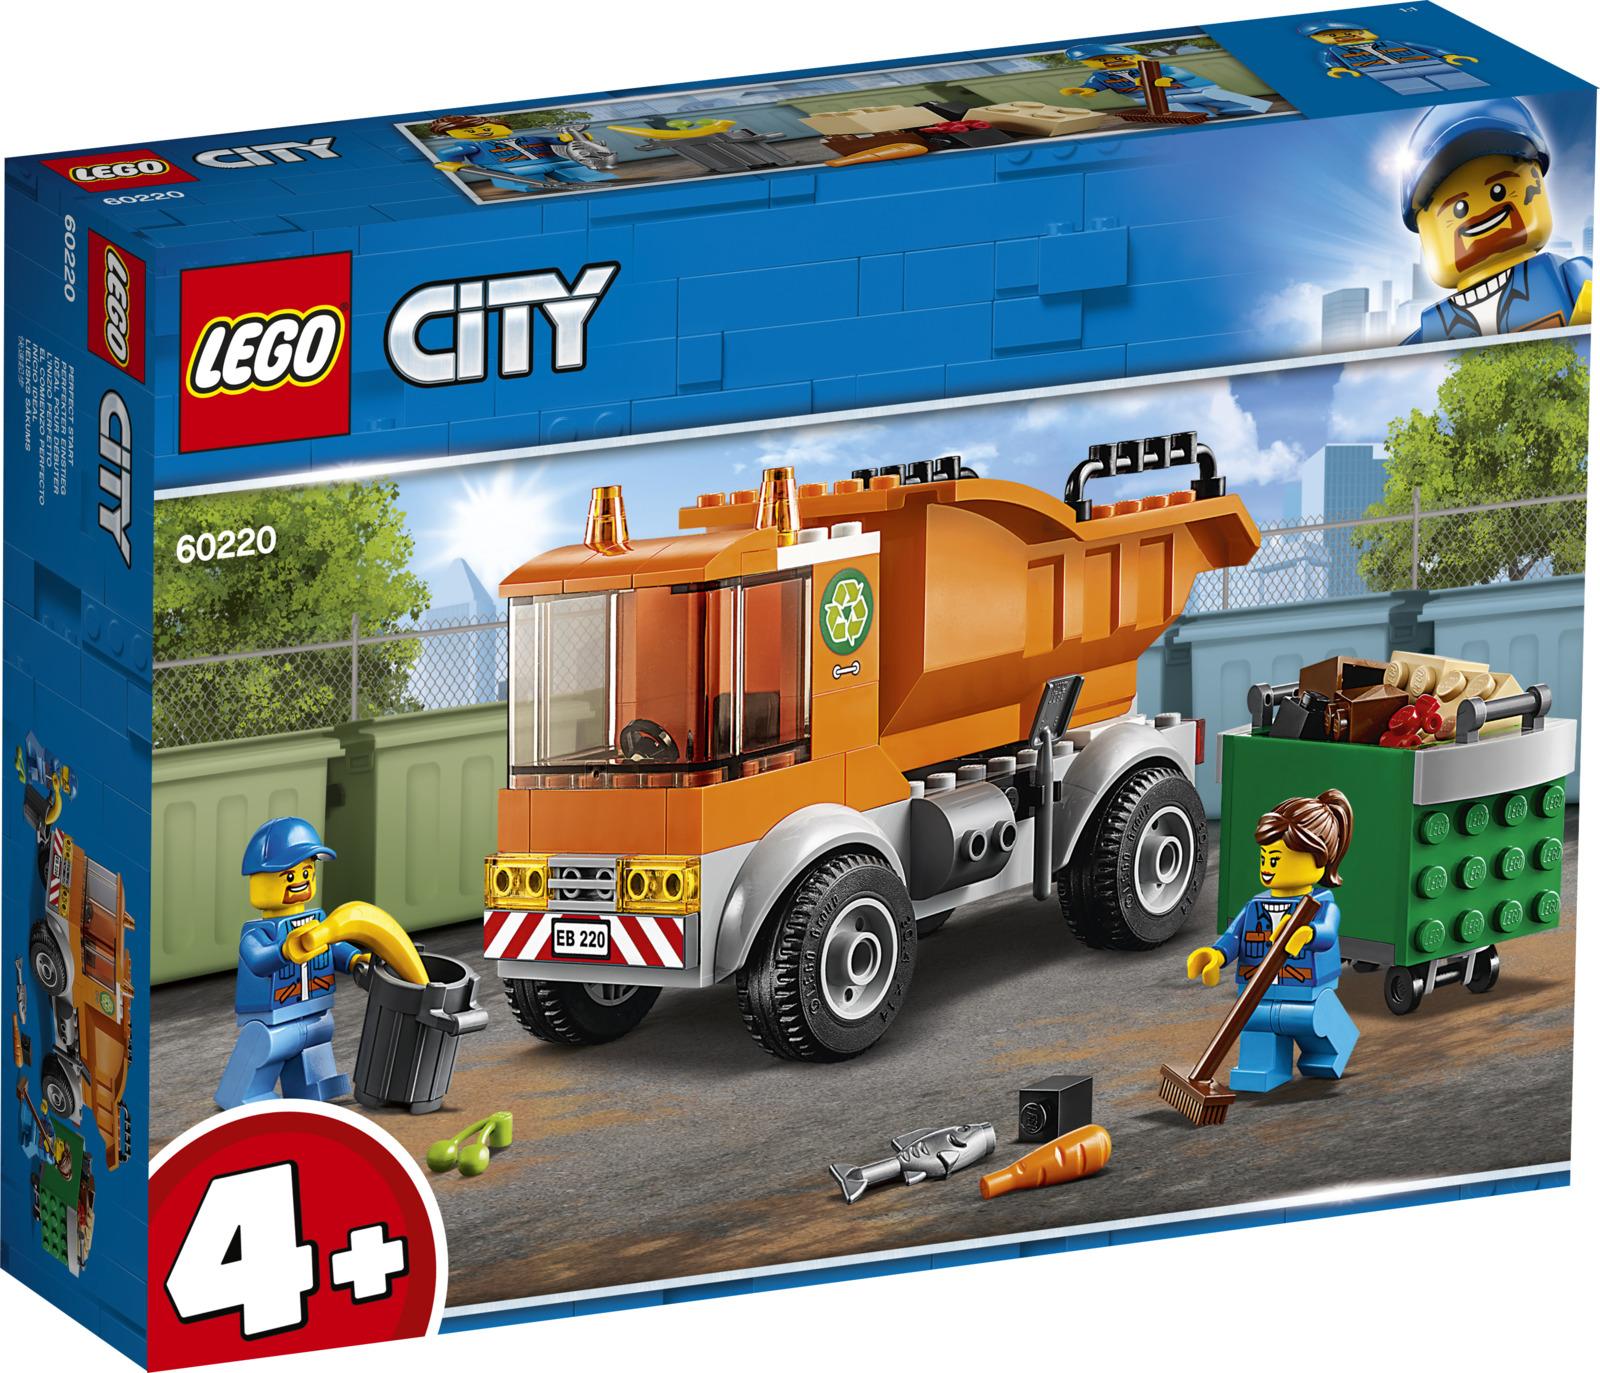 LEGO City Great Vehicles 60220 Мусоровоз Конструктор lego lego city 60118 мусоровоз